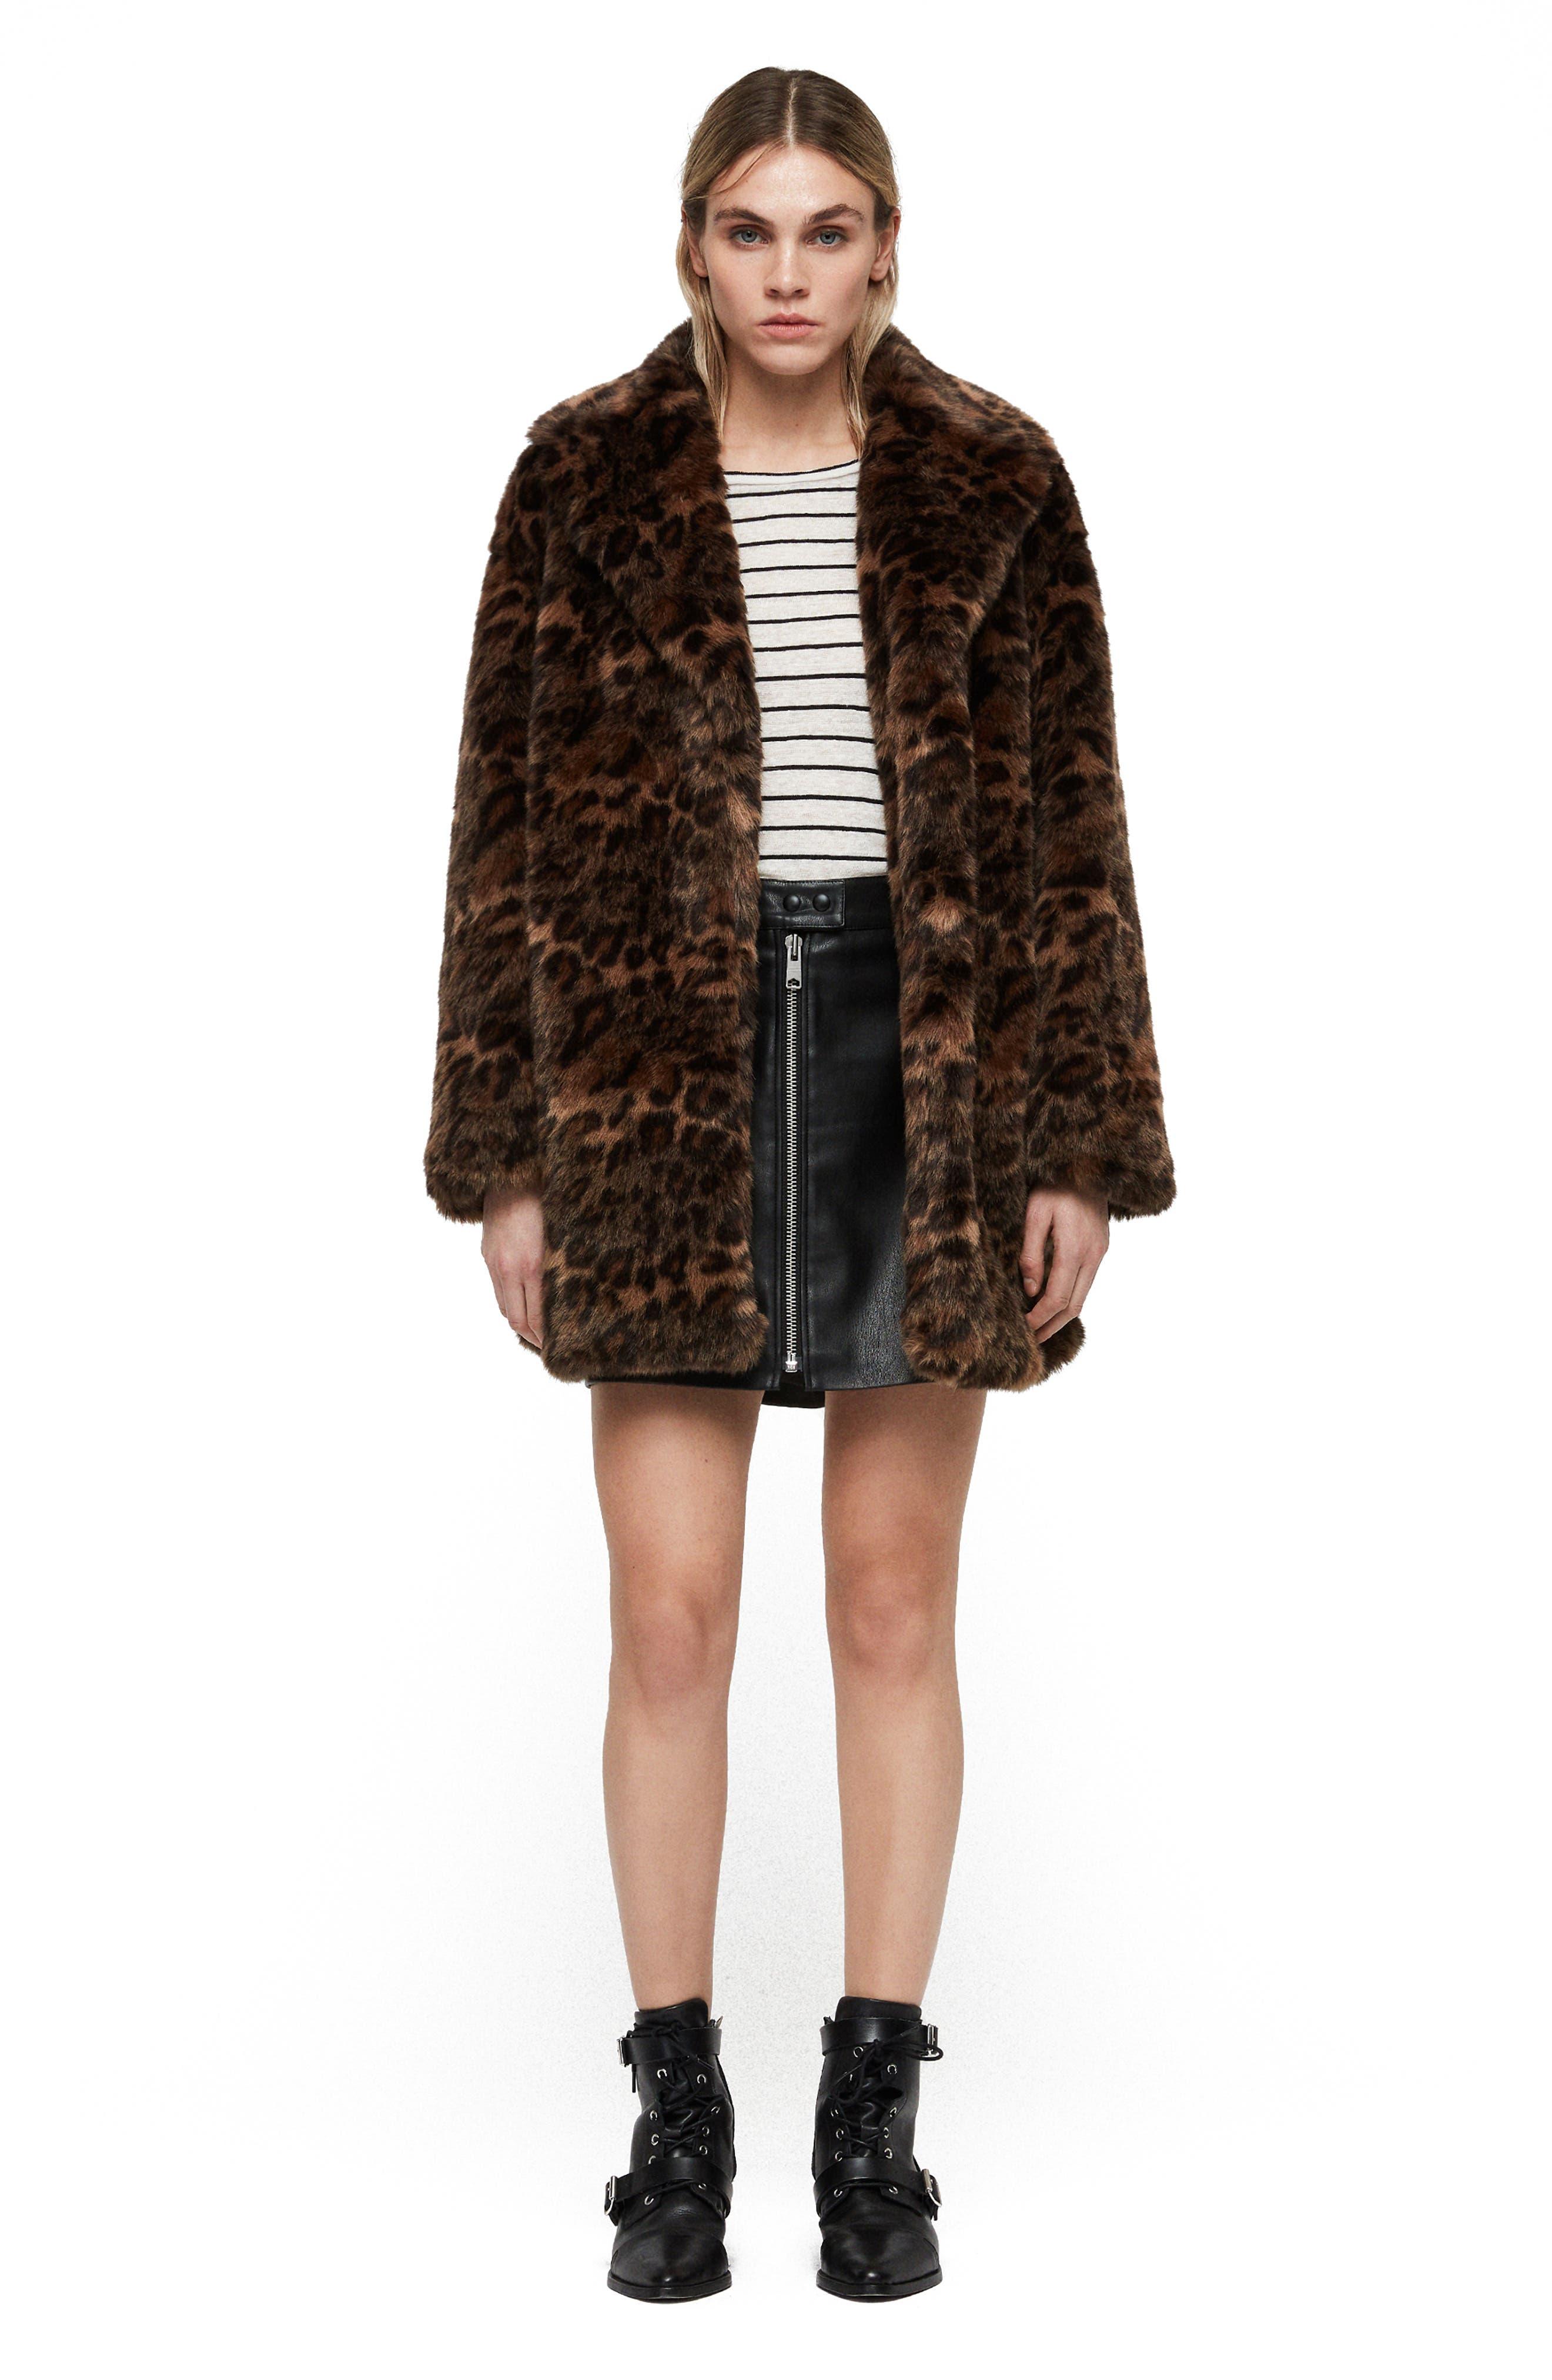 Amice Leopard Spot Faux Fur Jacket,                             Alternate thumbnail 7, color,                             BROWN